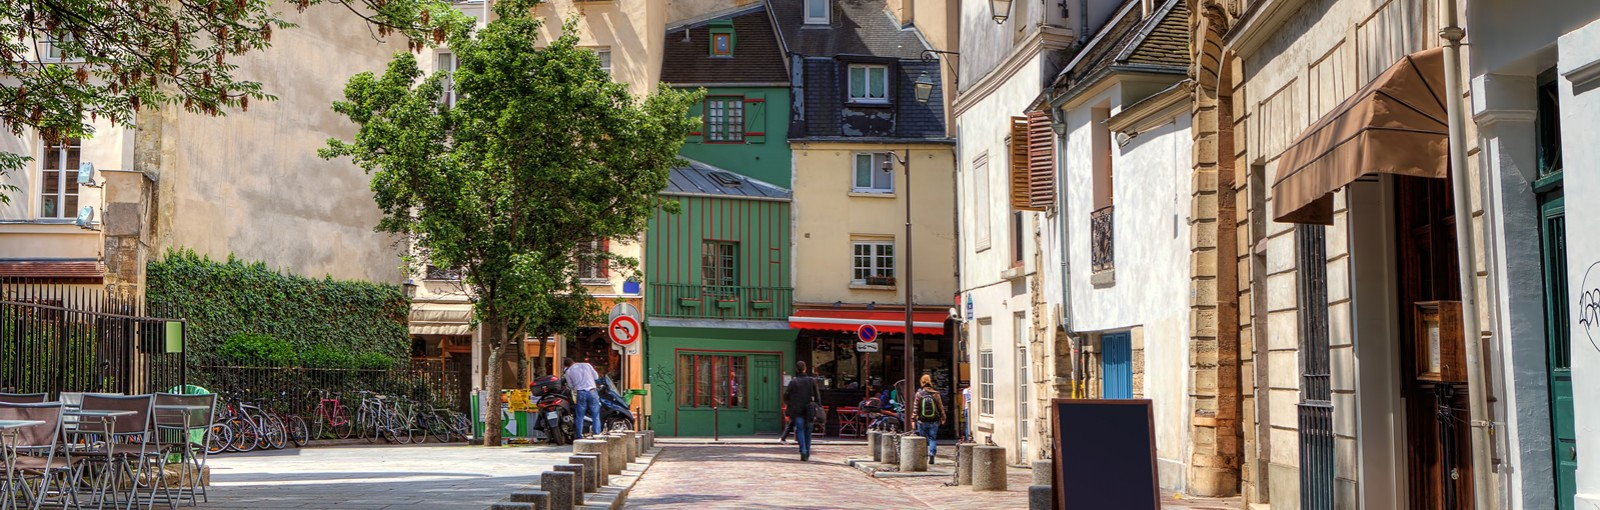 Tours The old district of the Marais, Place des Vosges, the village Saint Paul - Walking tours - Paris Tours